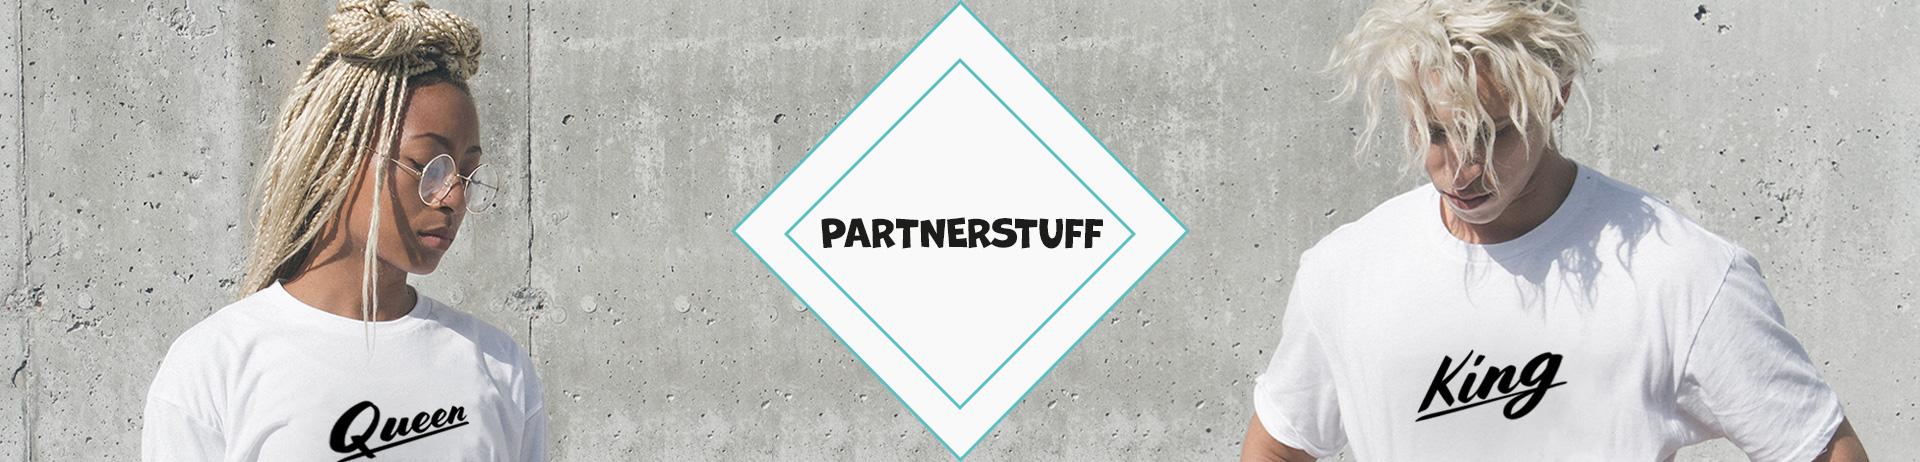 Pärchen Shirt - Partnerstuff Shirts & Hoodies | Funshirt38